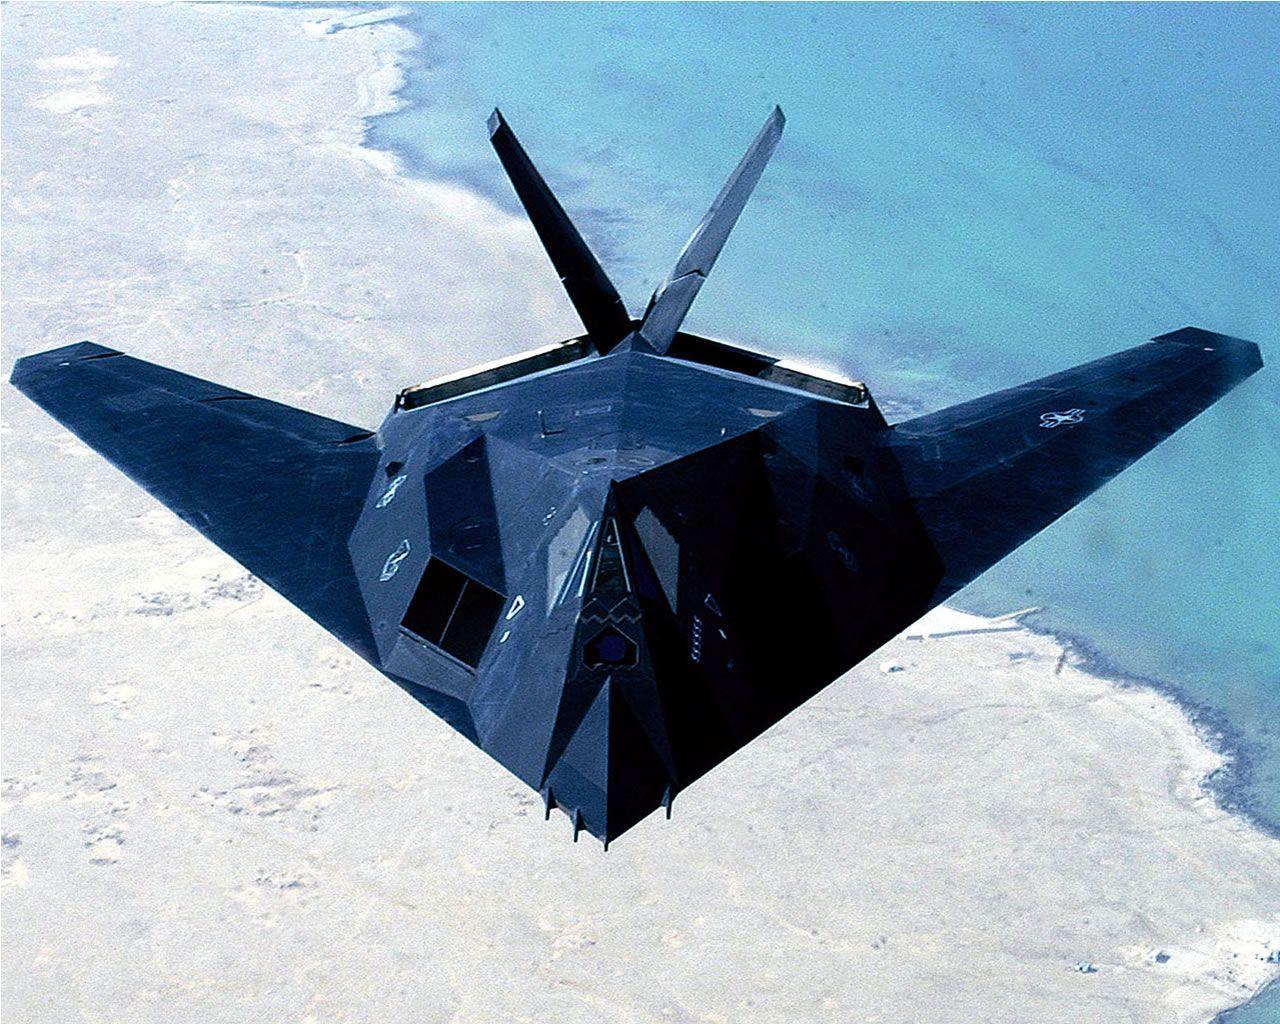 Lockheed F-117 Nighthawk | Z-Car